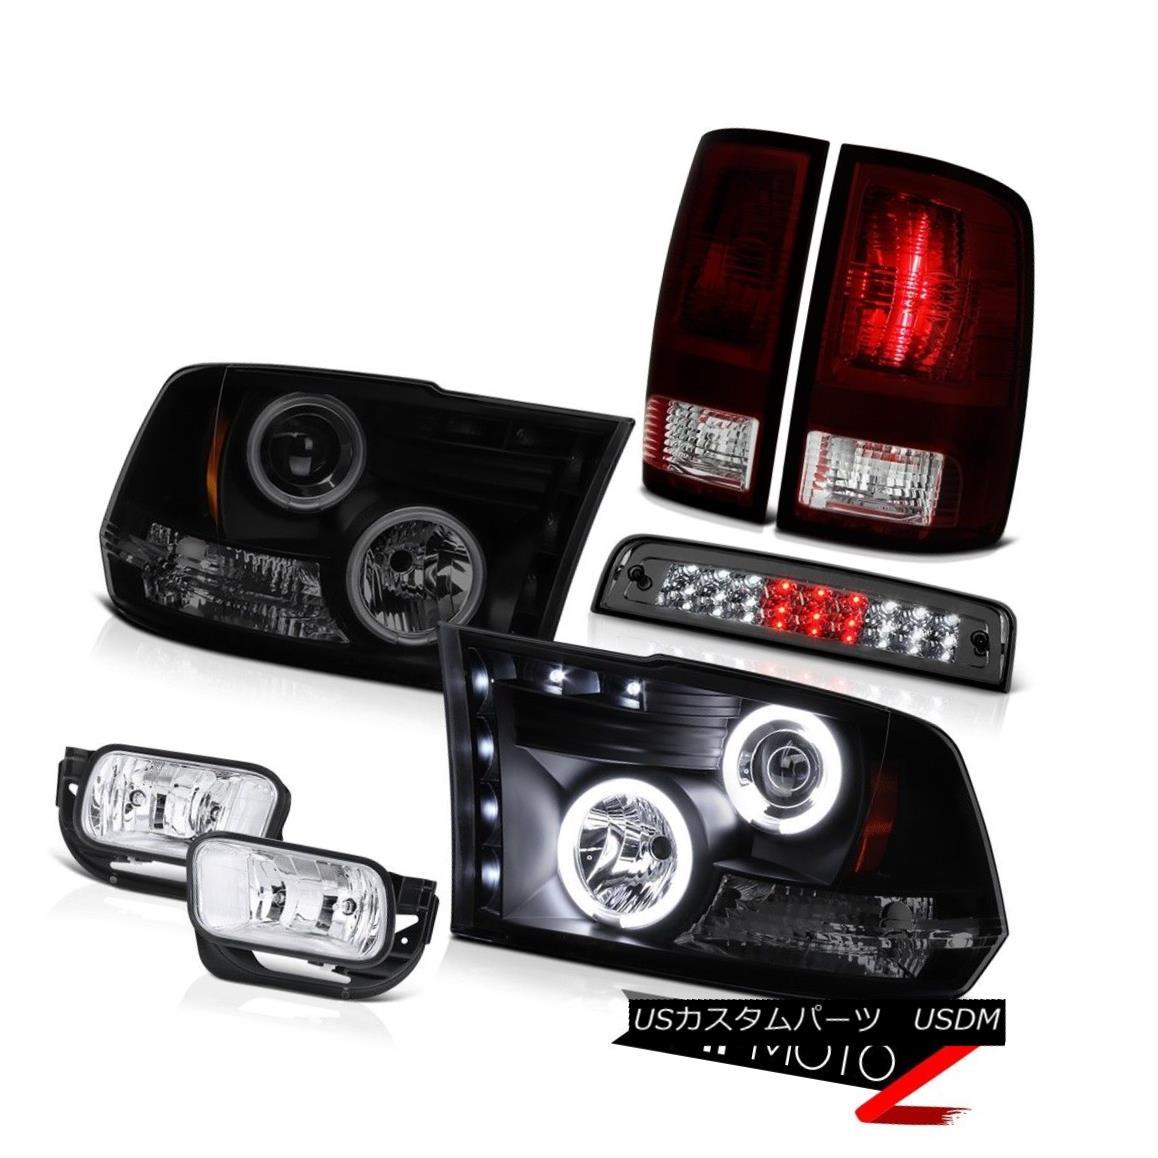 テールライト 09-13 Dodge Ram 1500 SLT Foglamps Roof Cab Lamp Taillamps Headlamps SMD CCFL Rim 09-13 Dodge Ram 1500 SLTフォグランプルーフキャブランプタイルランプヘッドランプSMD CCFLリム